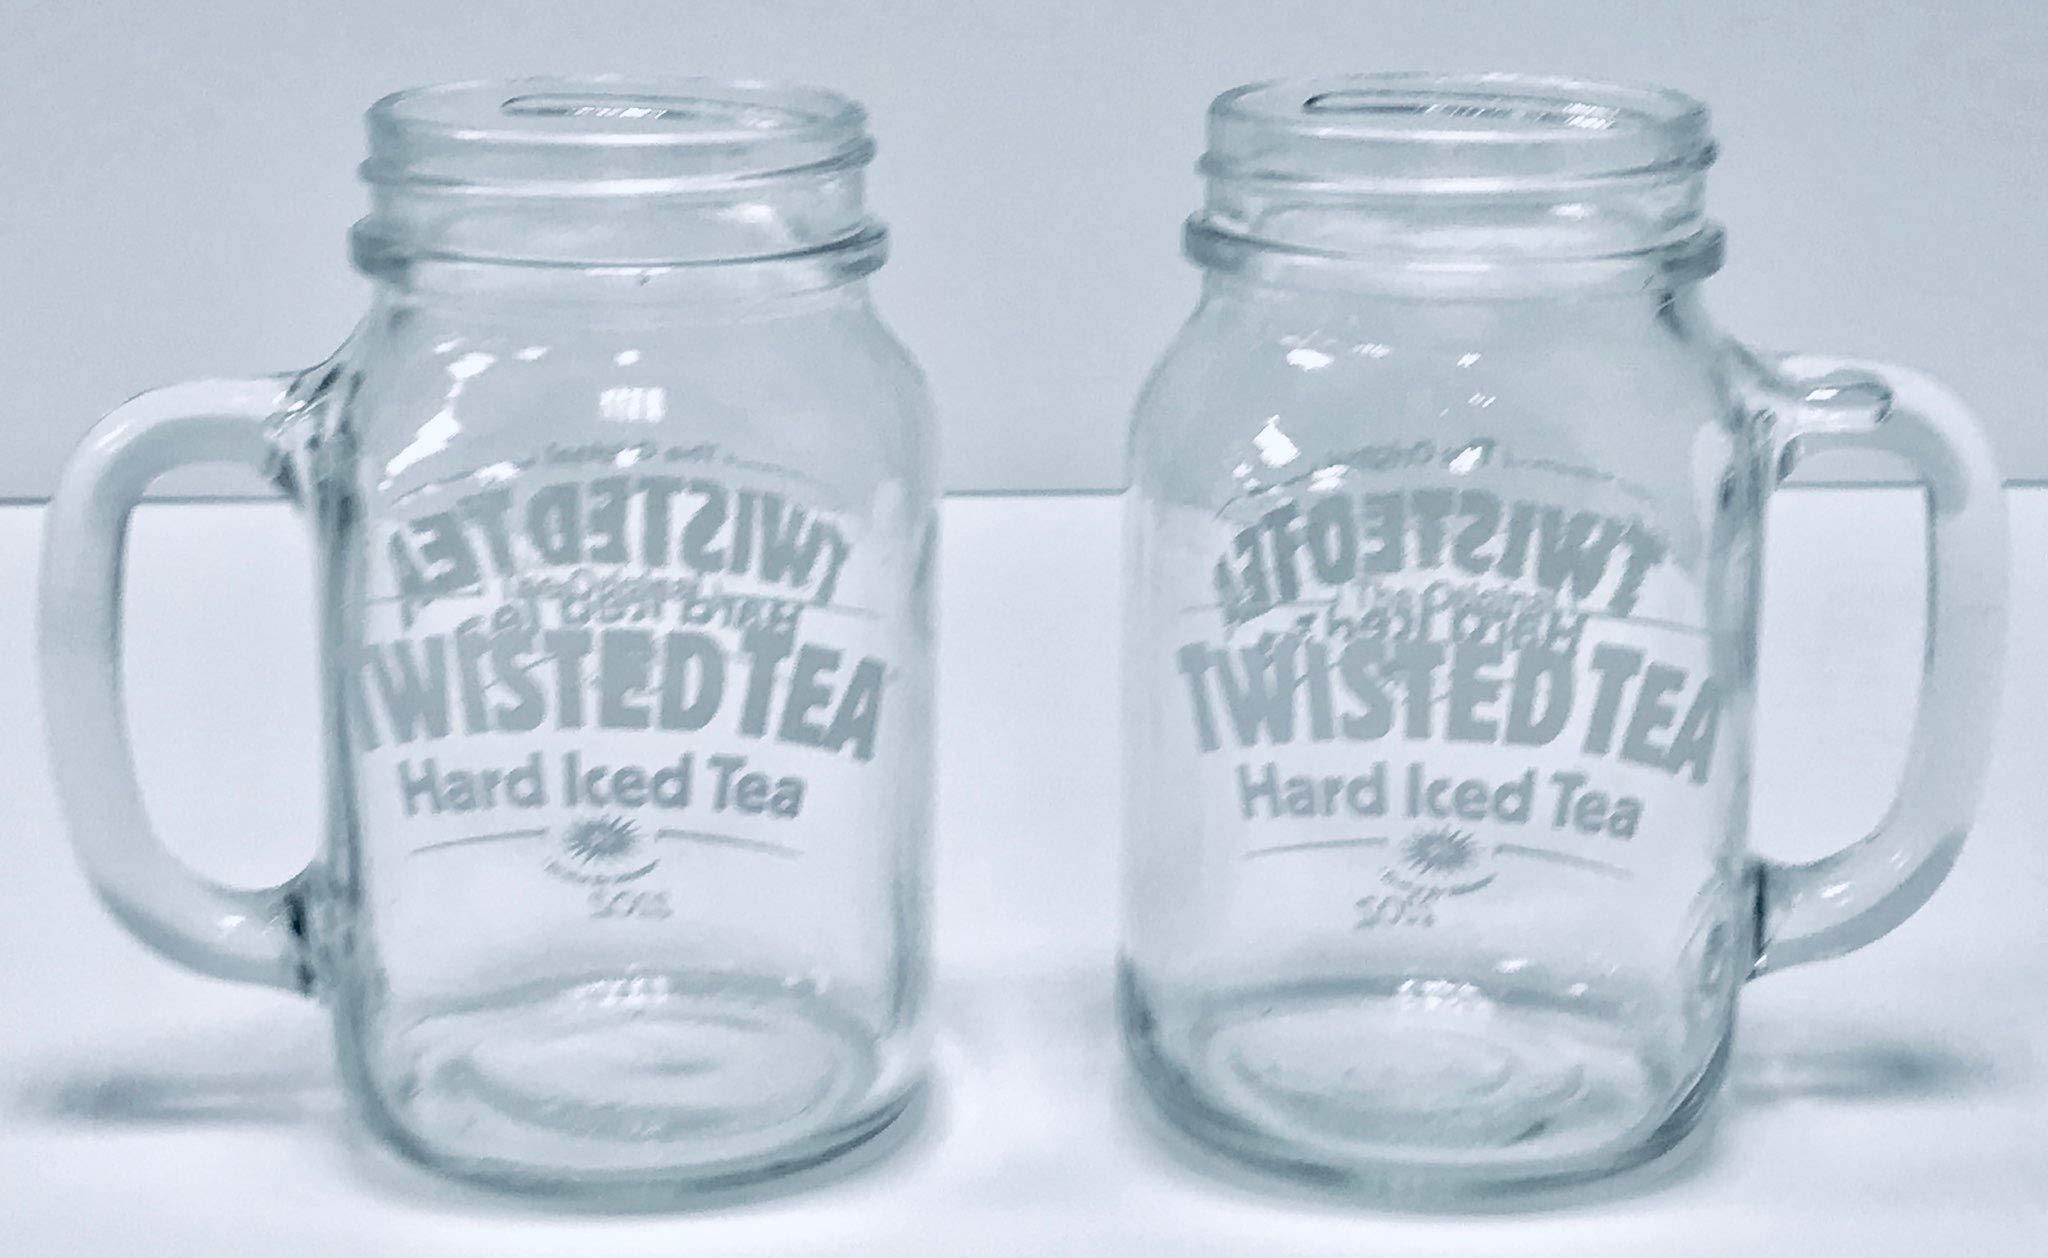 Twisted Tea 22oz Mason Jar Mugs | Set of Two (2) by Twisted Tea (Image #2)